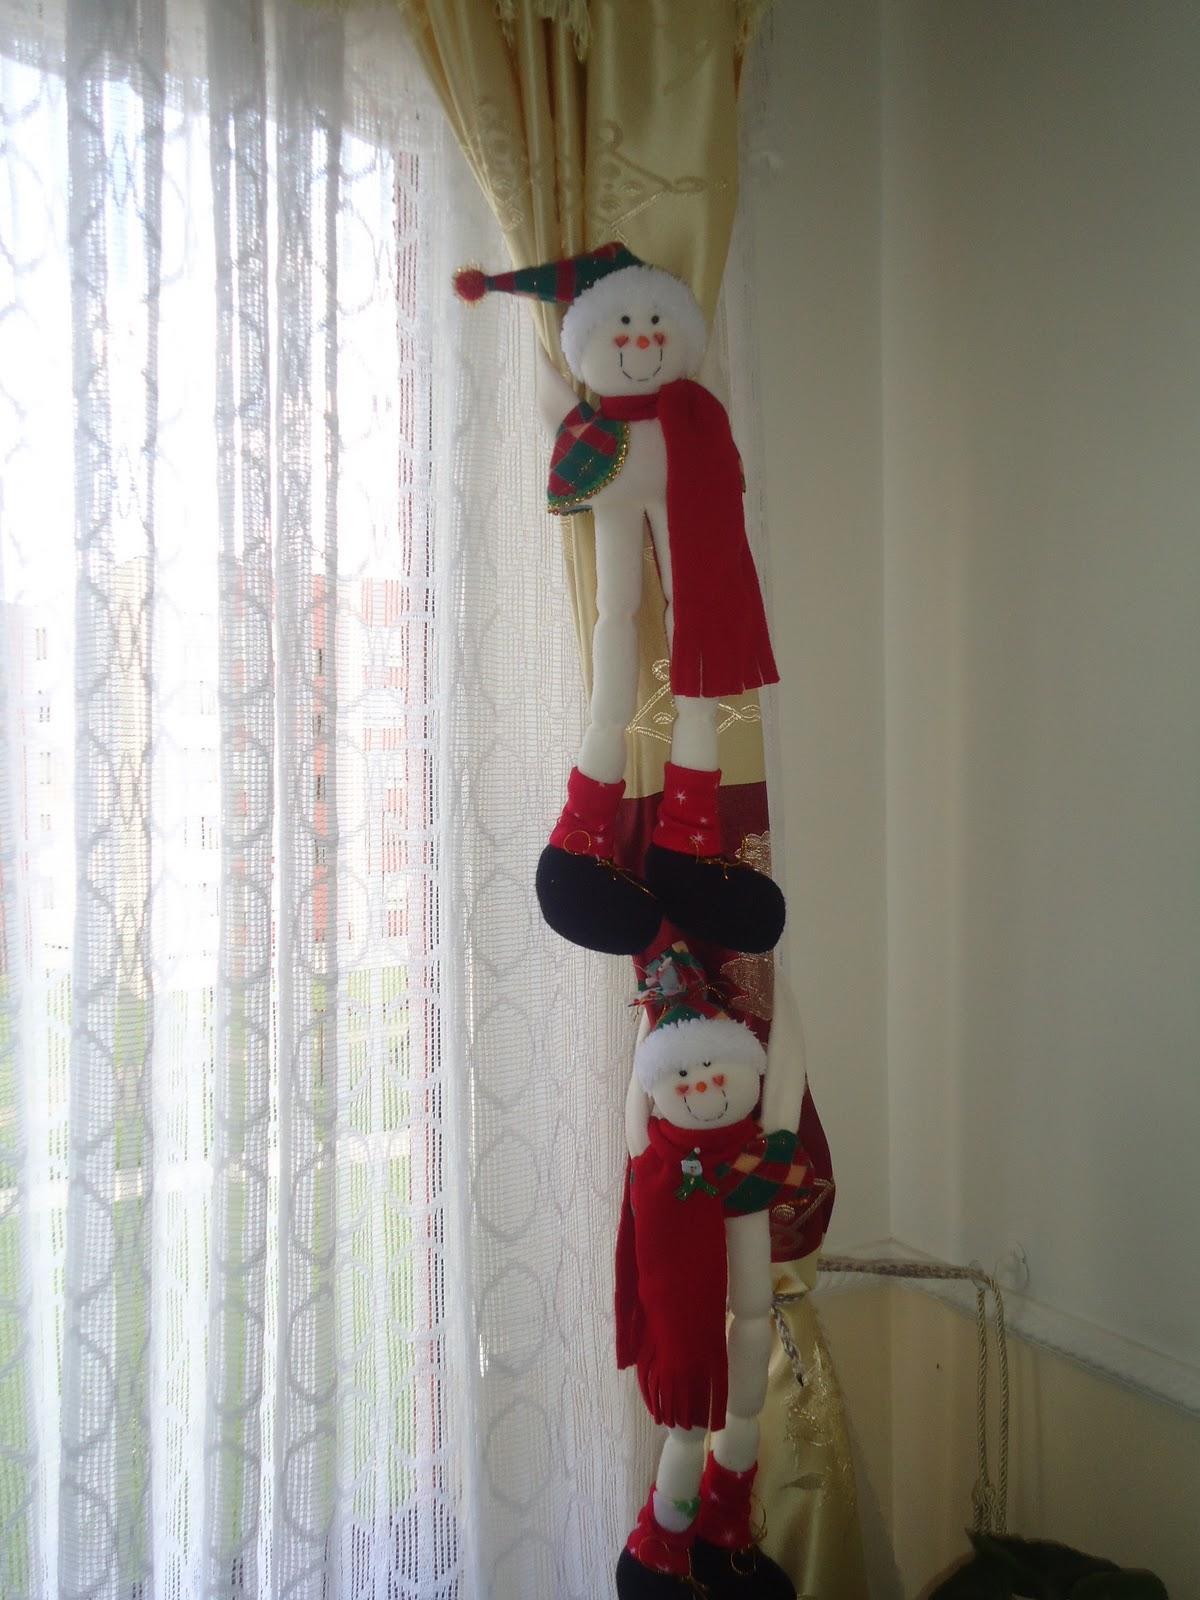 Venta de mu ecos navide os navidad - Cortinas de papel para navidad ...